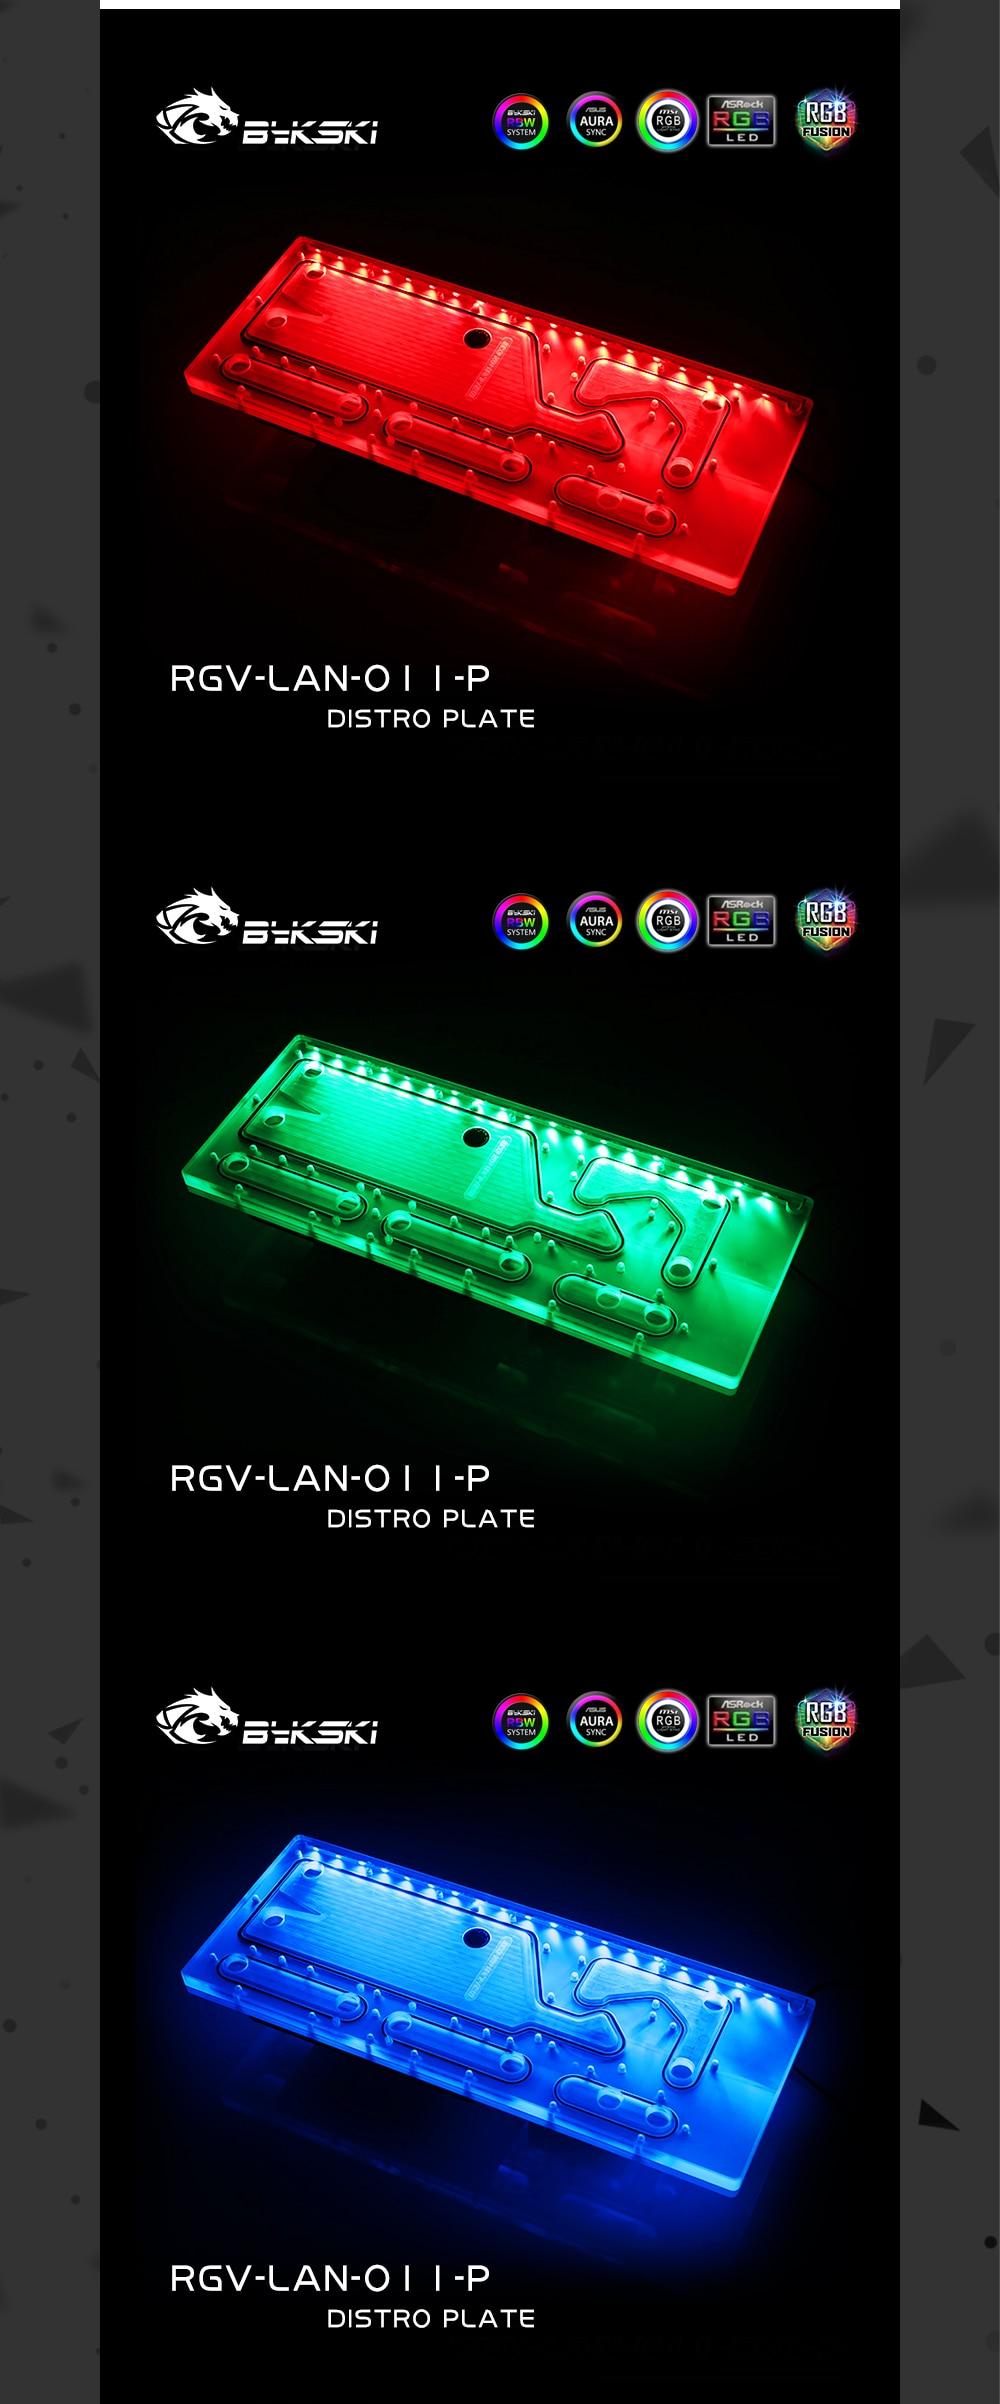 Bykski RGV-LAN-O11-P Distro Plate For Lian Li PC-O11 Dynamic Case, Bykski Waterway Board For Single GPU Building